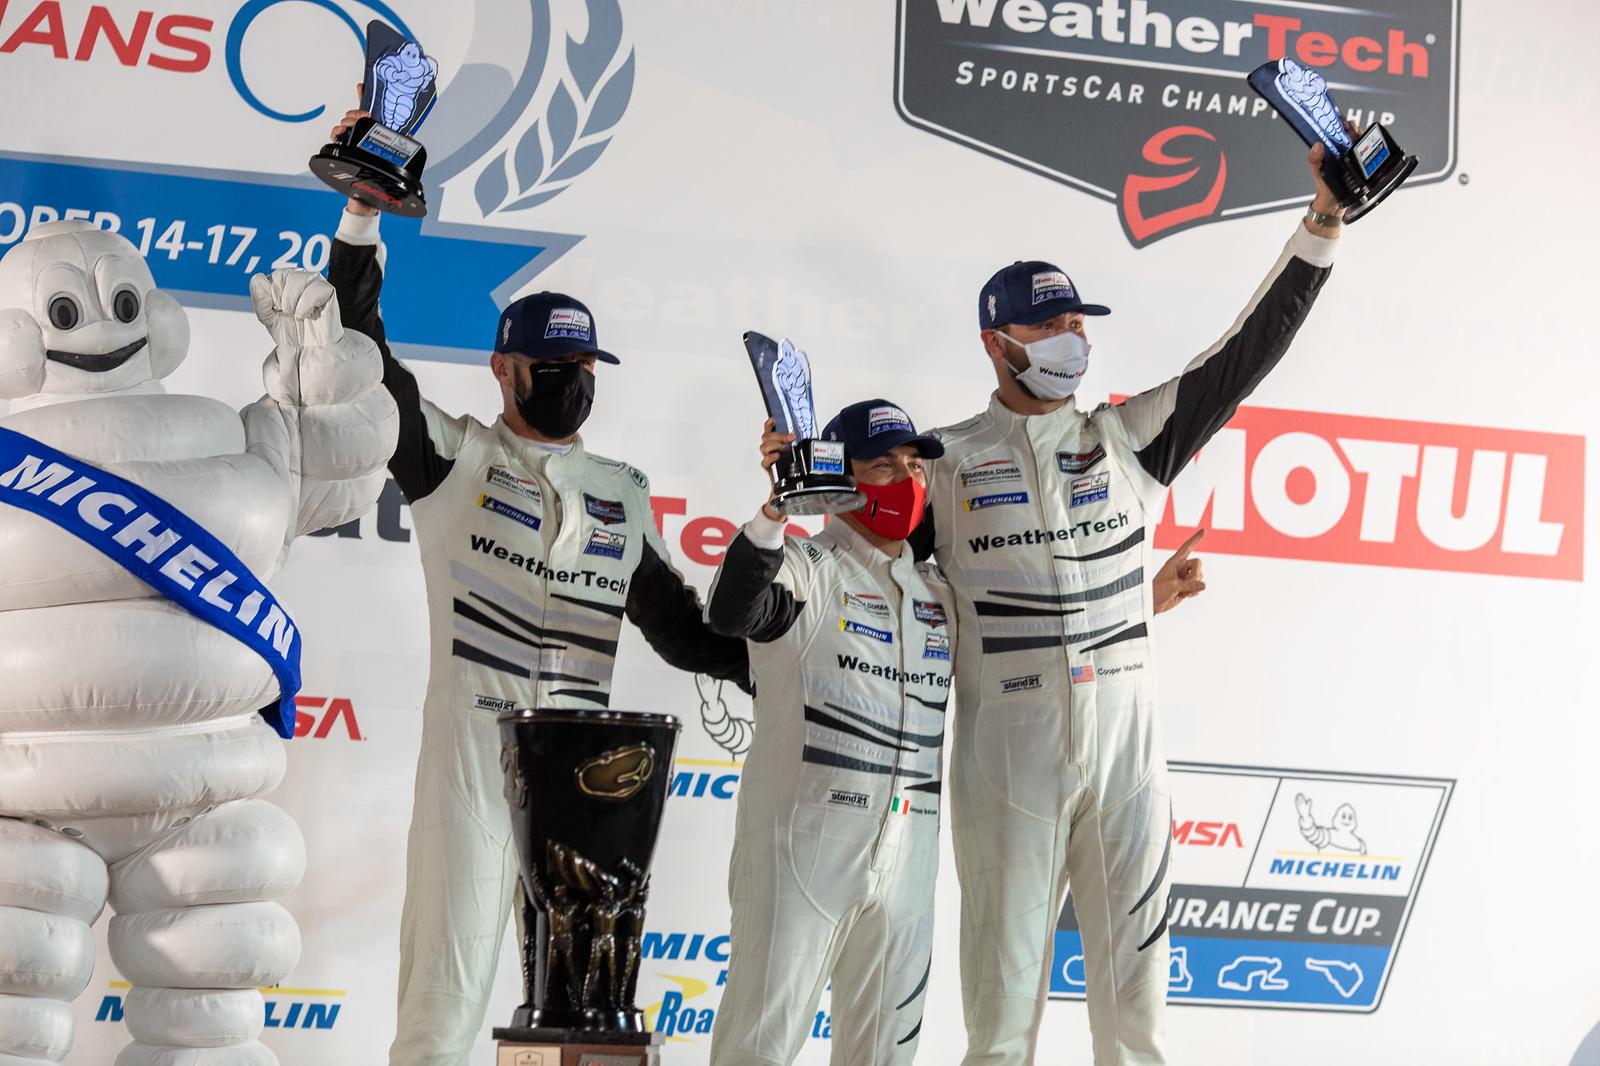 Team on podium.